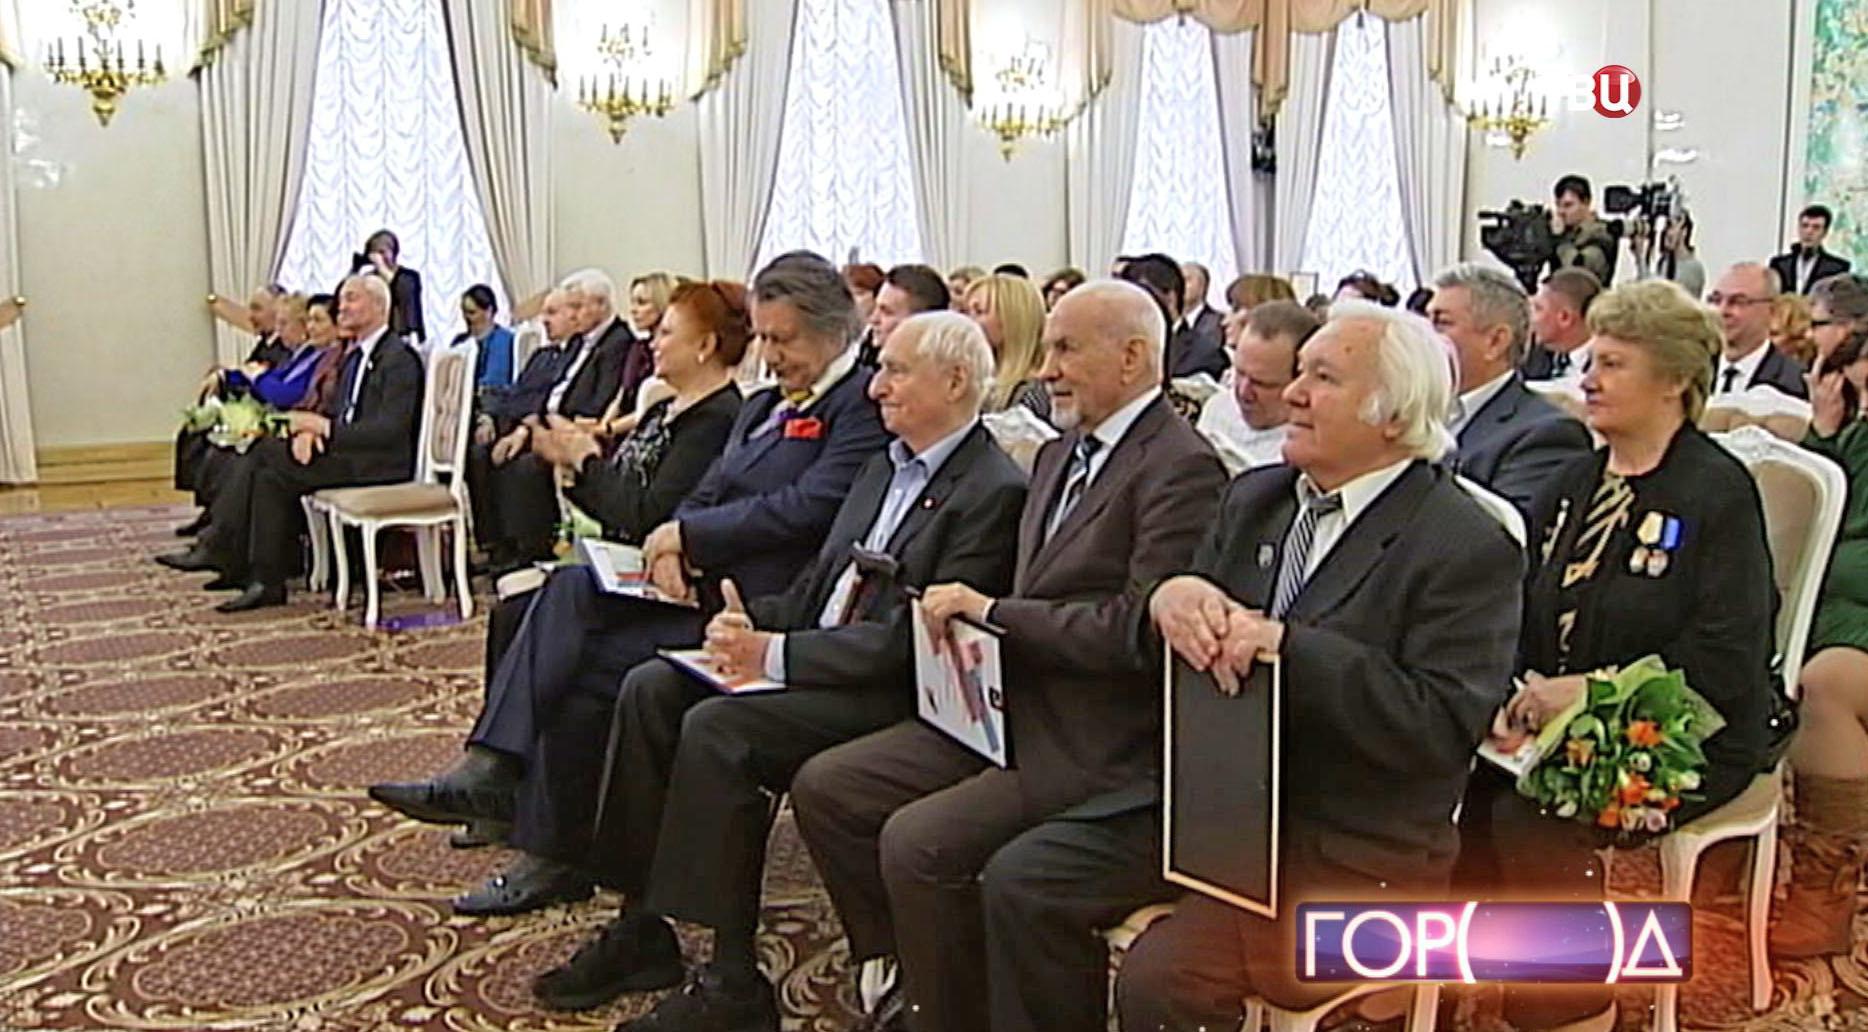 Церемония награждения деятелей культуры премиями московского правительства